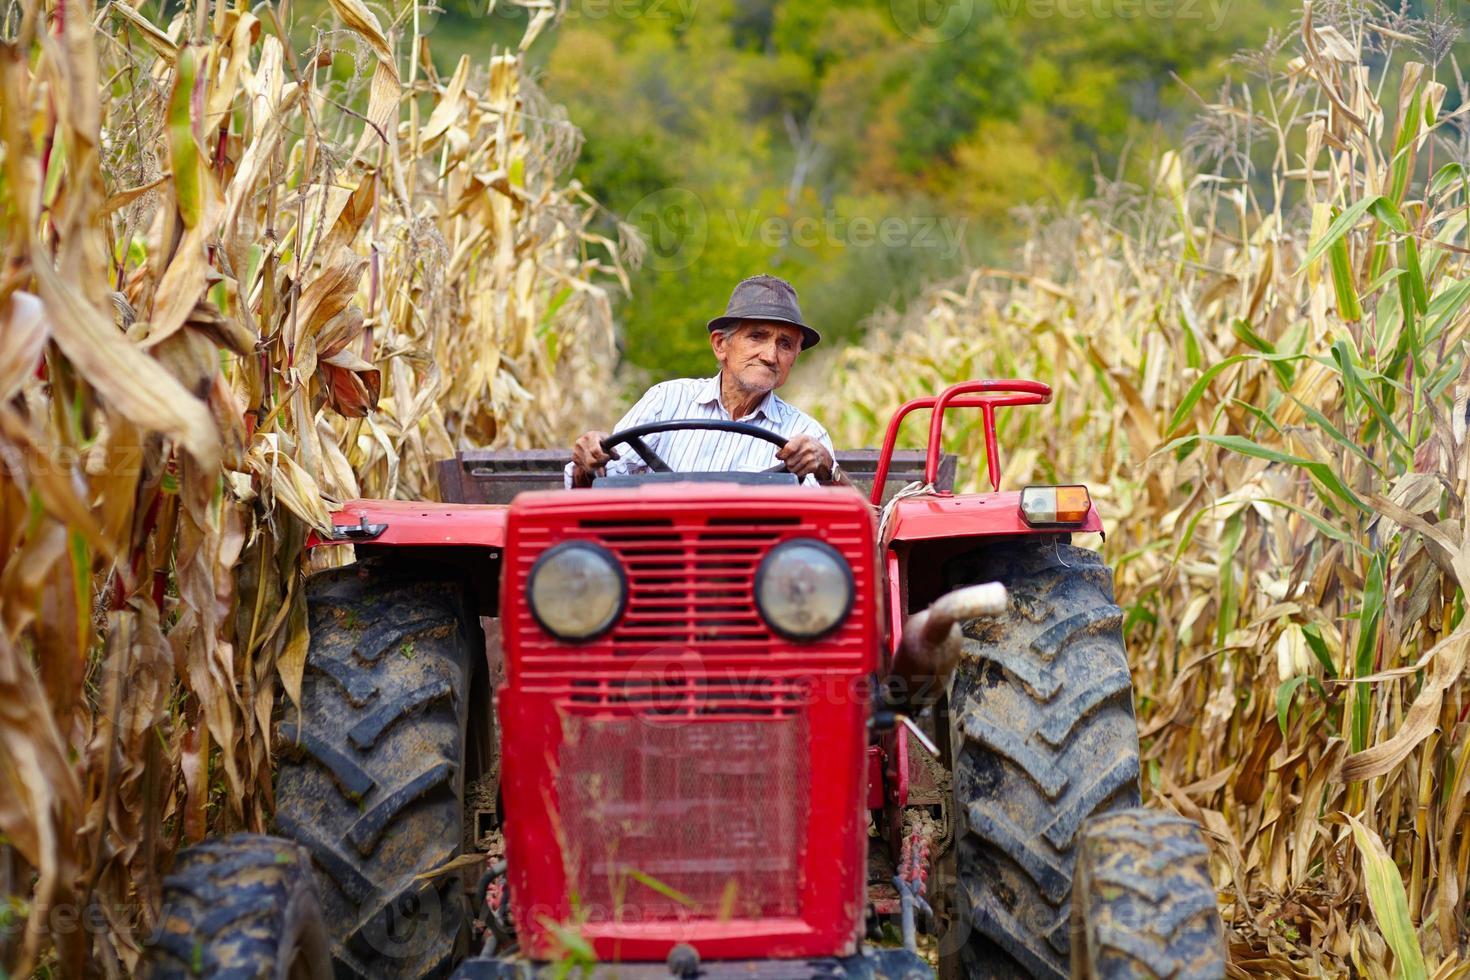 vieux fermier conduisant son tracteur dans le champ de maïs photo